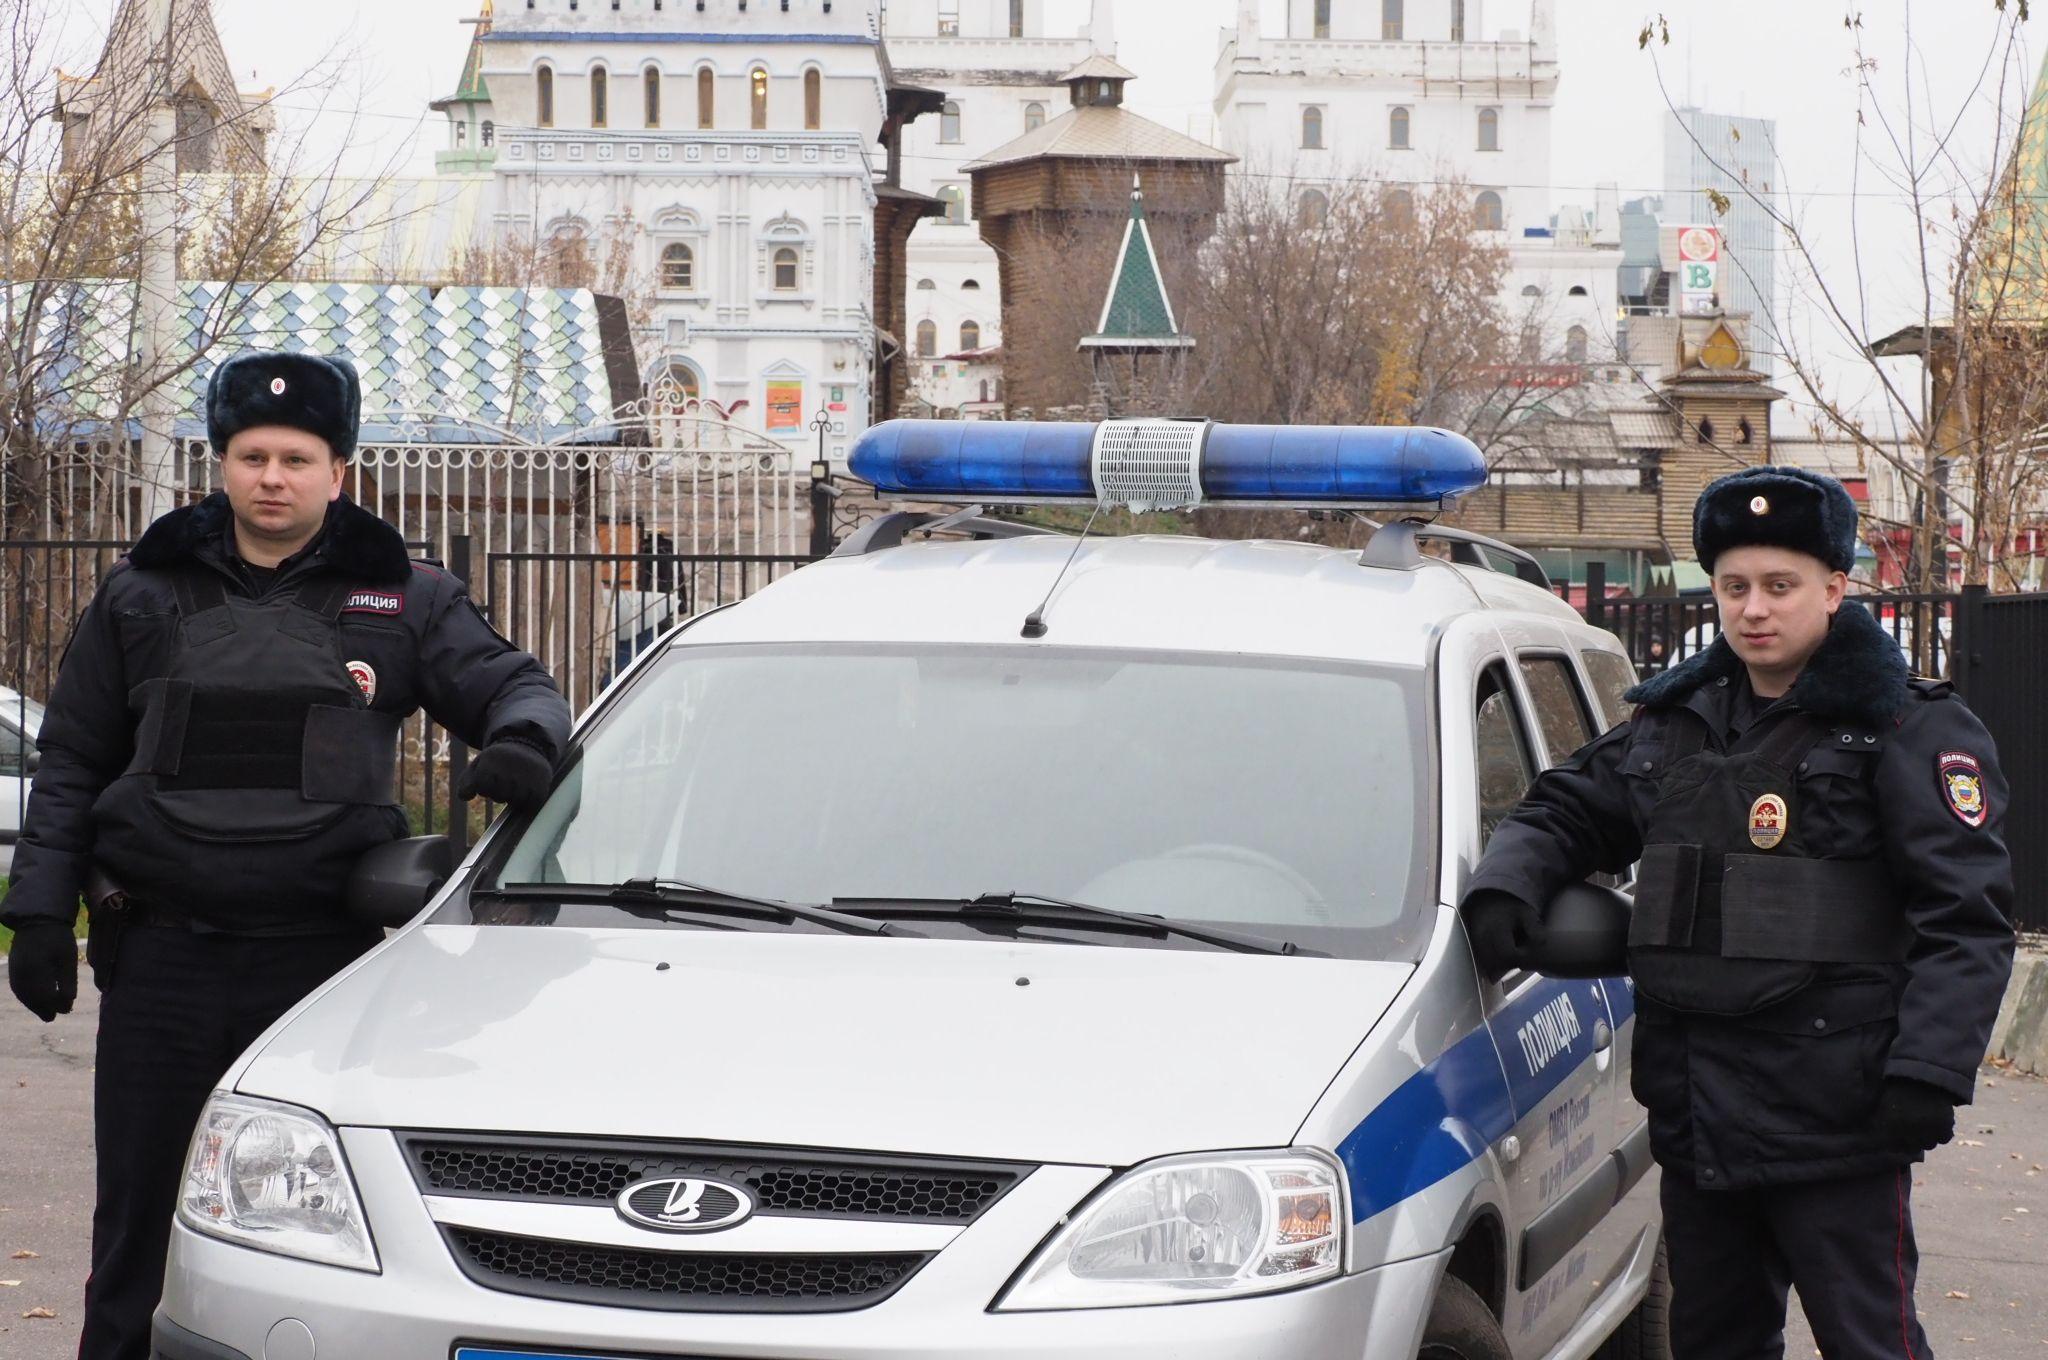 На юге столицы возбуждено уголовное дело по факту покушения на сбыт наркотических средств